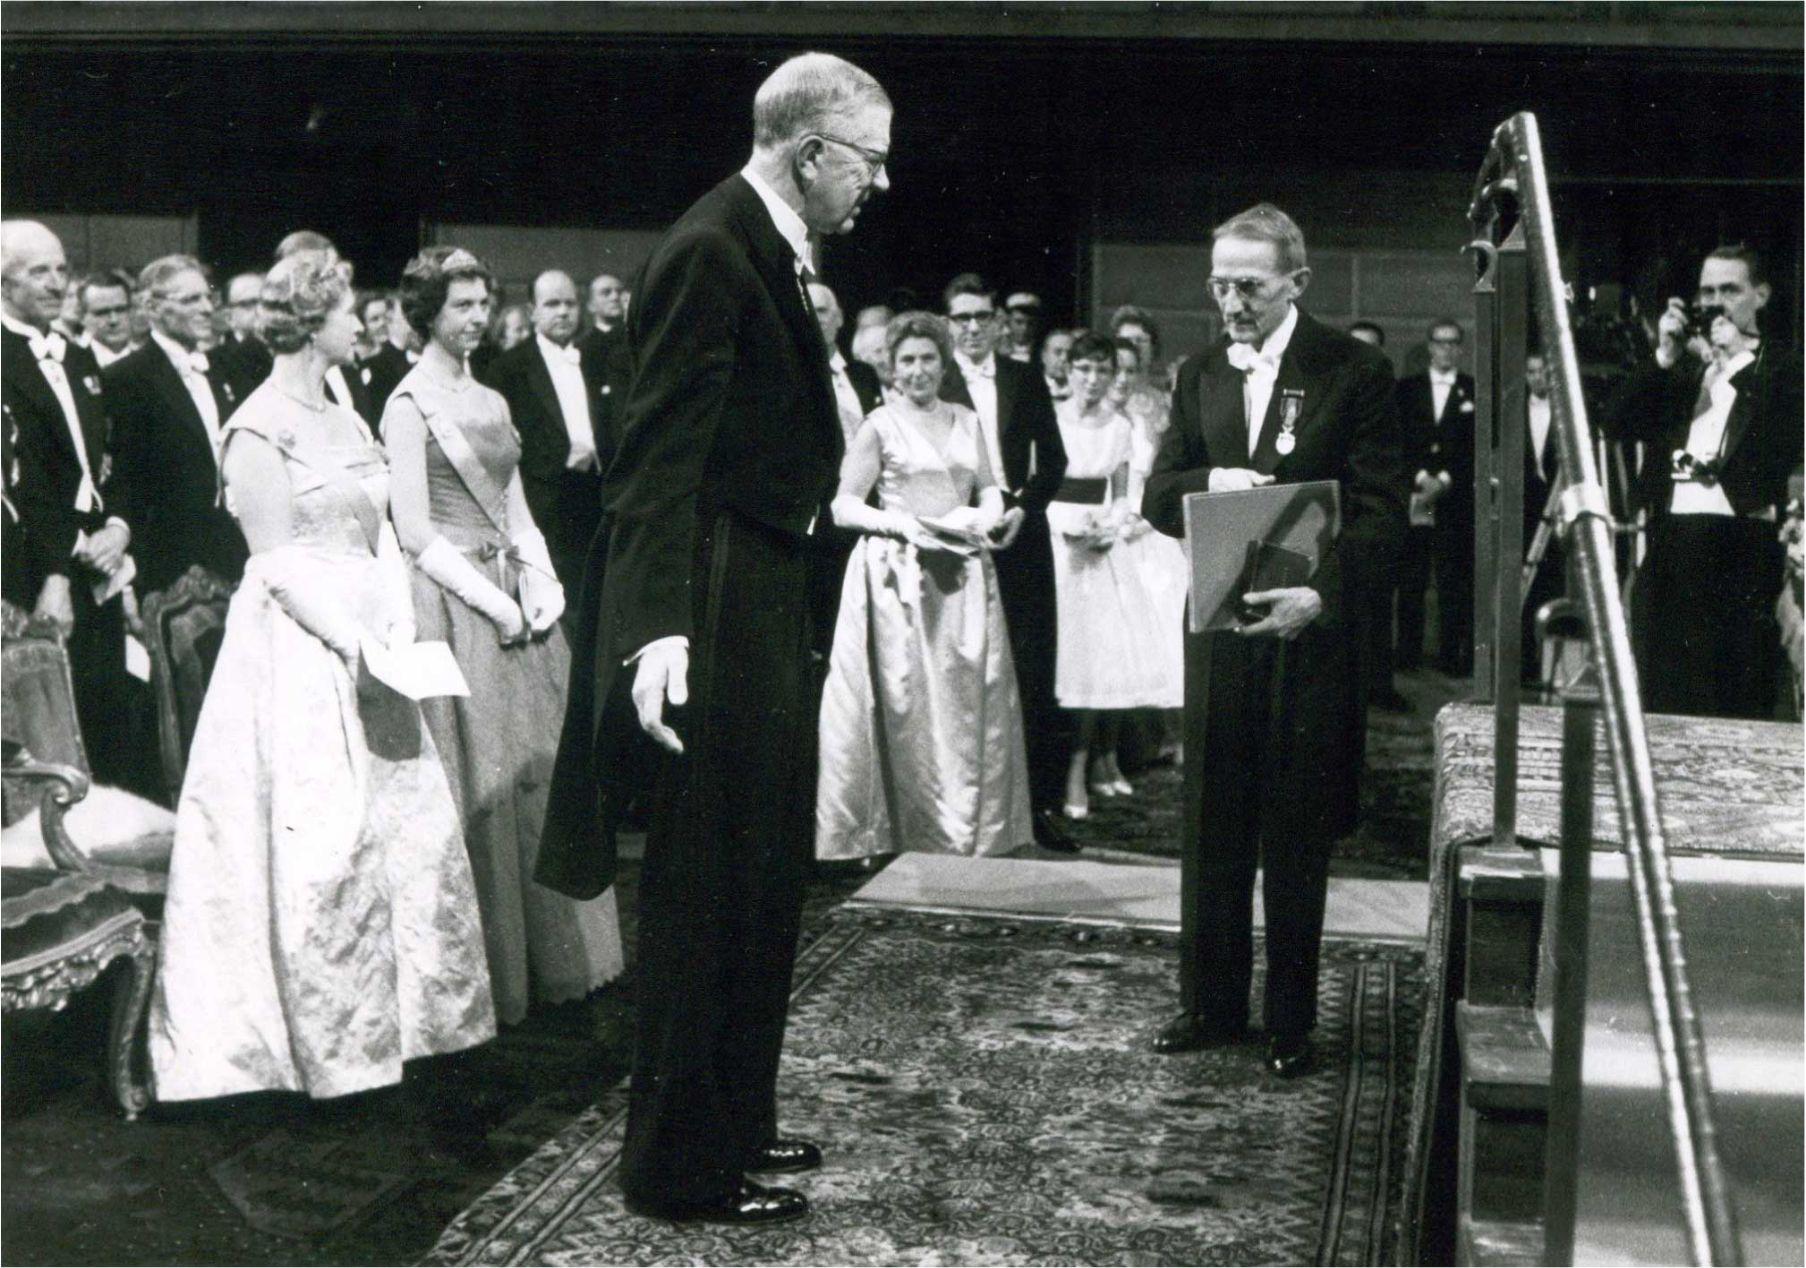 Švédský král Gustav Adolf VI. předává 10. prosince 1959 ve Stockholmu J. Heyrovskému Nobelovu cenu za objev a vývoj polarografické metody.